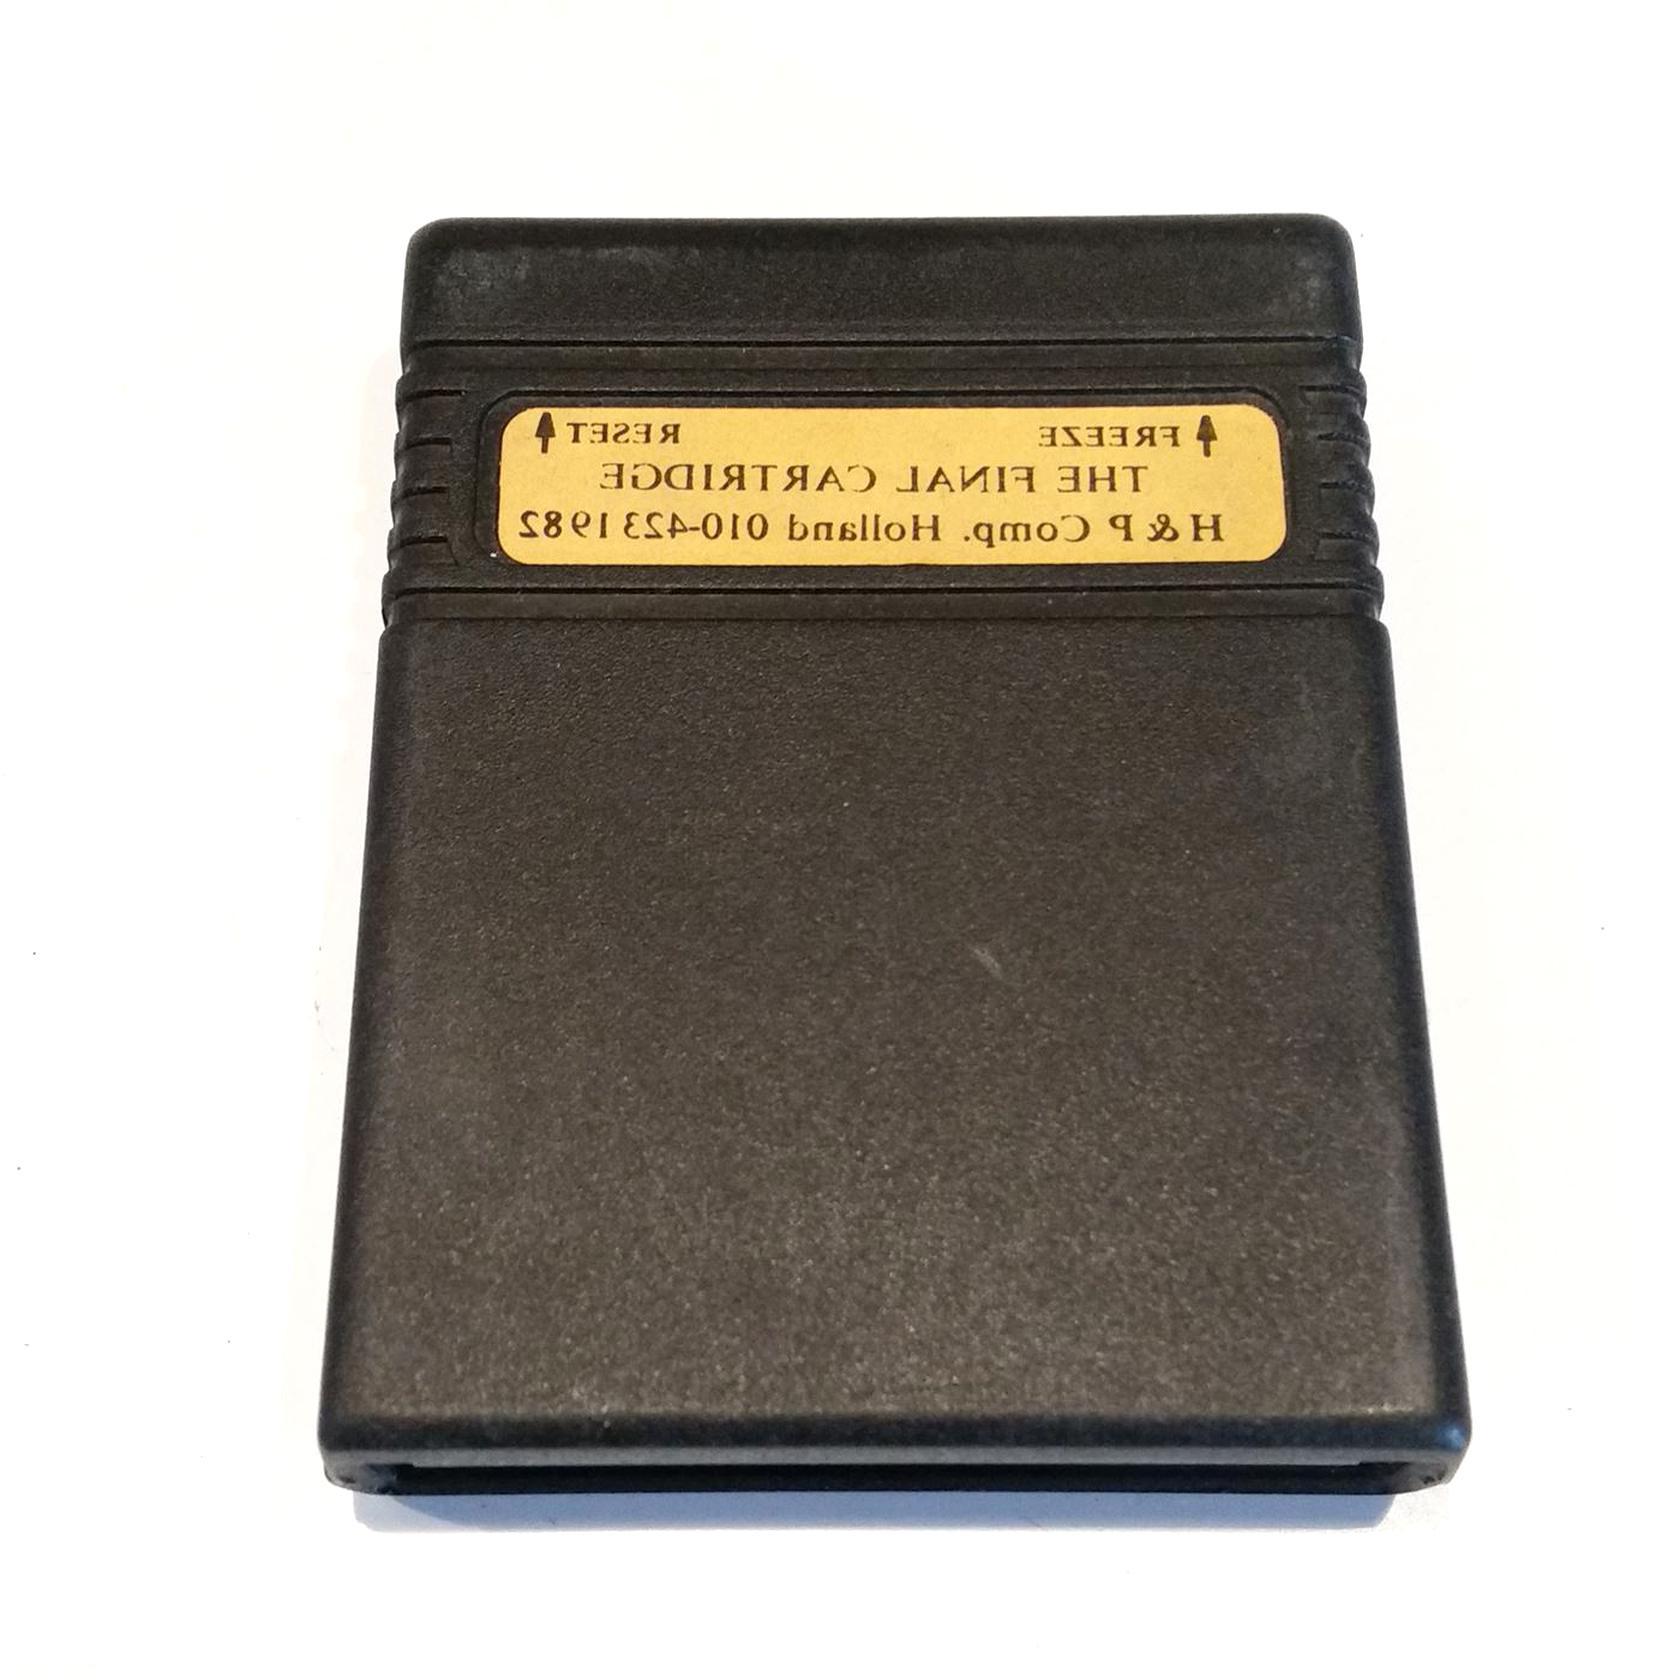 c64 cartridge gebraucht kaufen